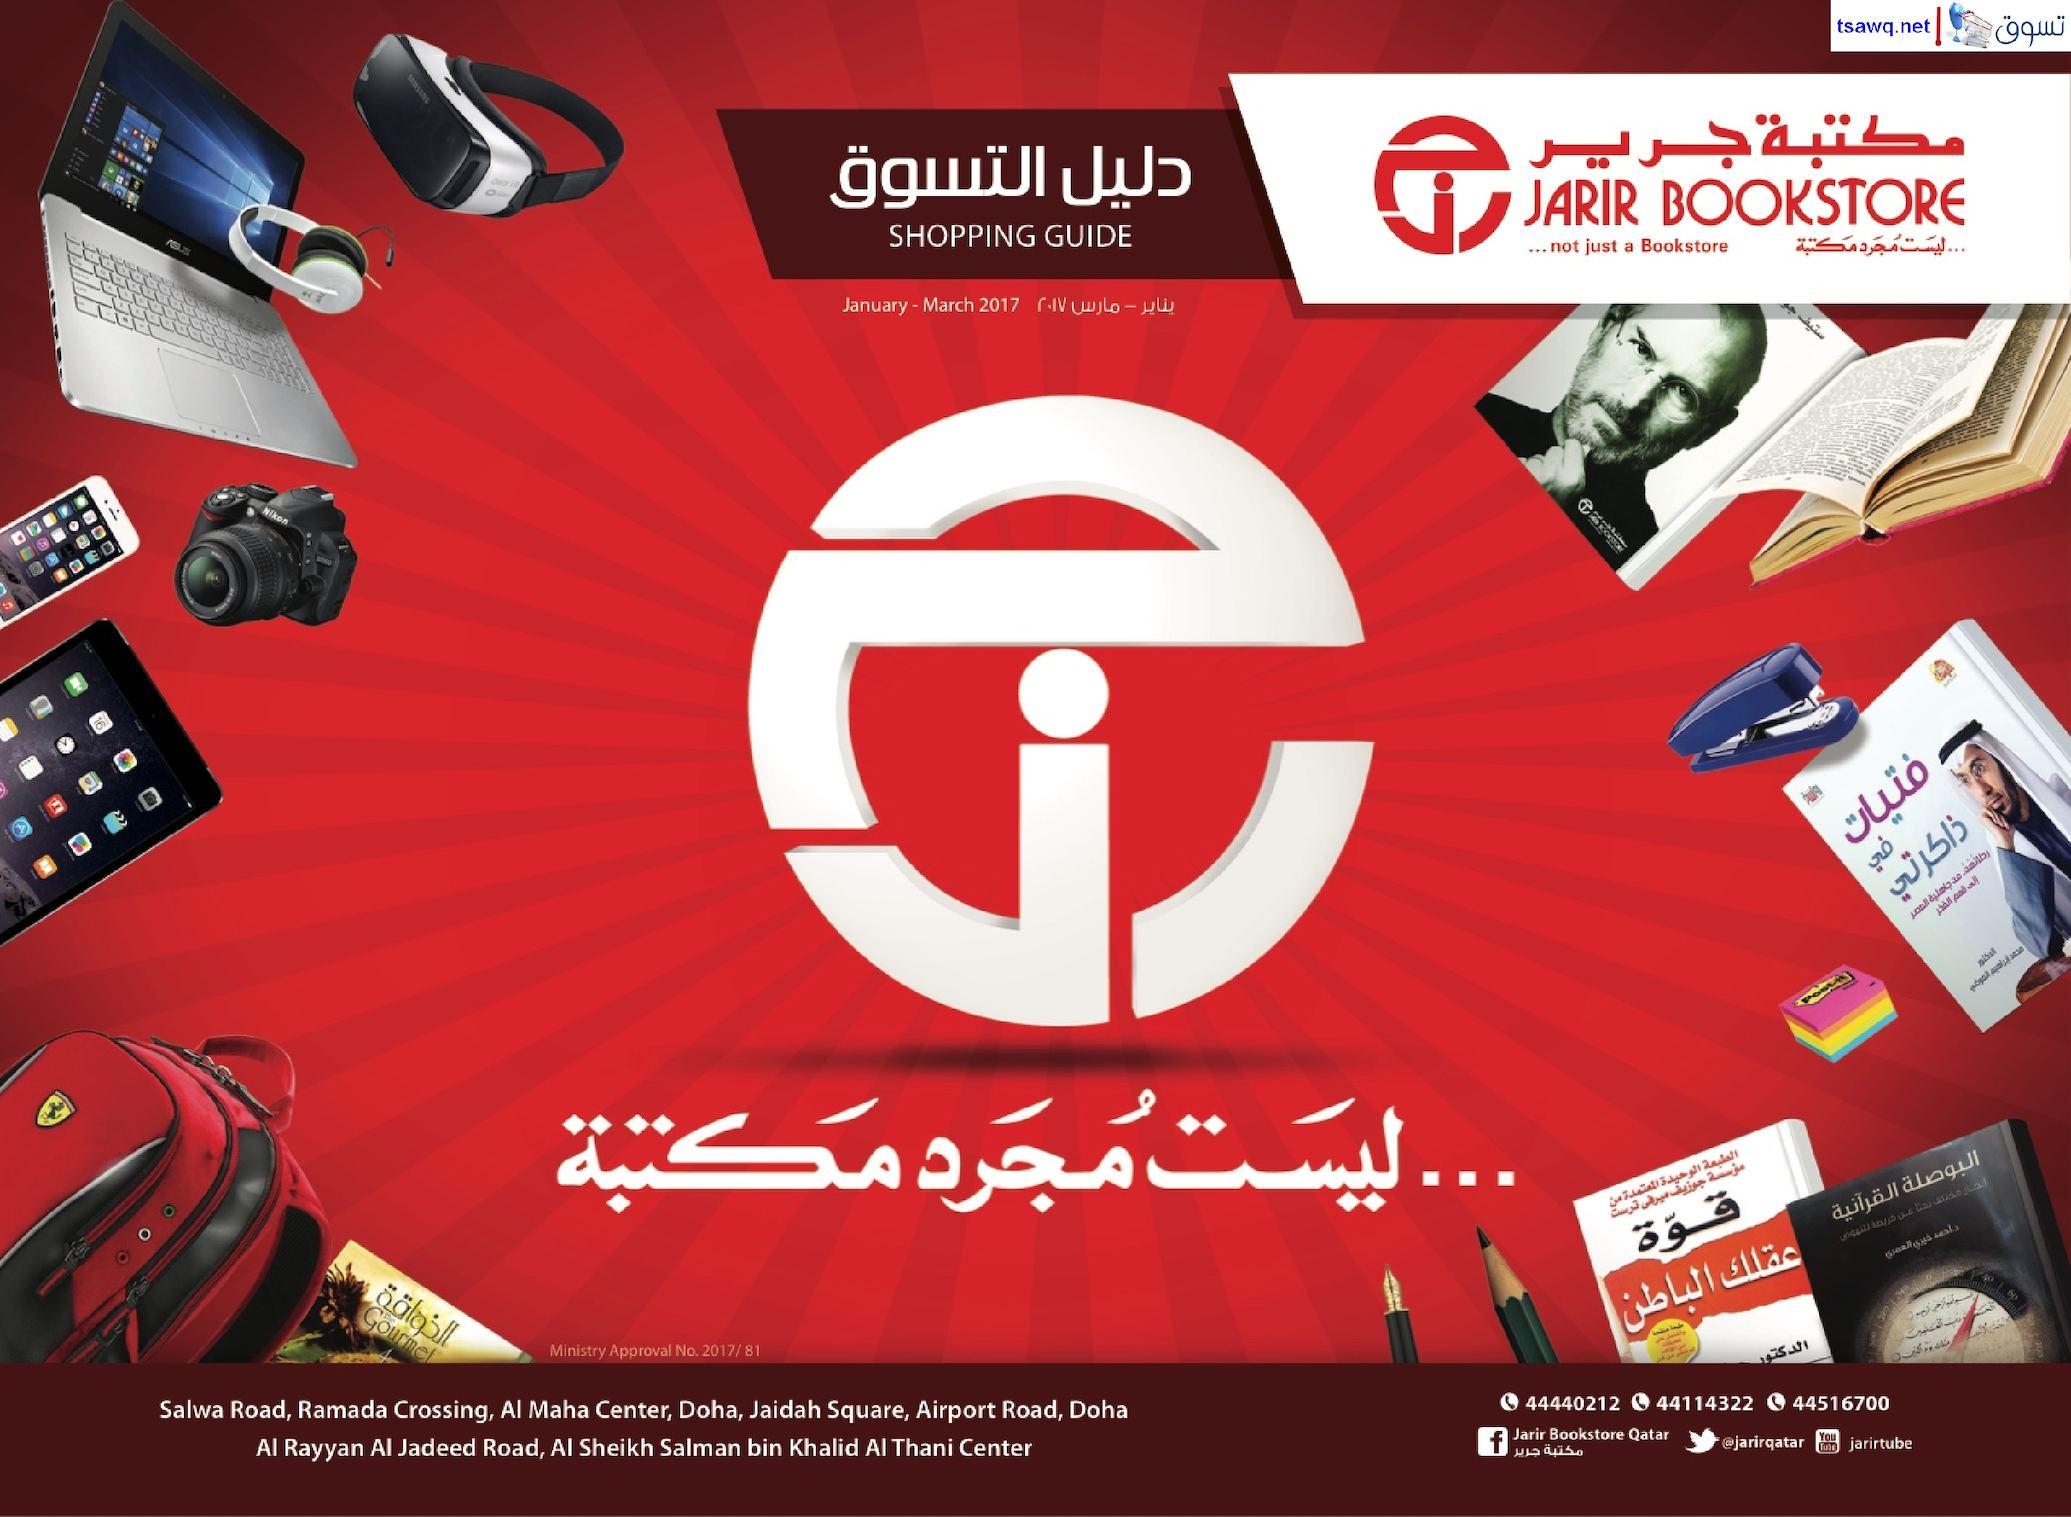 054ab8bba دليل التسوق من جرير قطر يناير مارس 2017 عدد 76 صفحة أحدث تكنولوجيا وغيرها |  تسوق نت